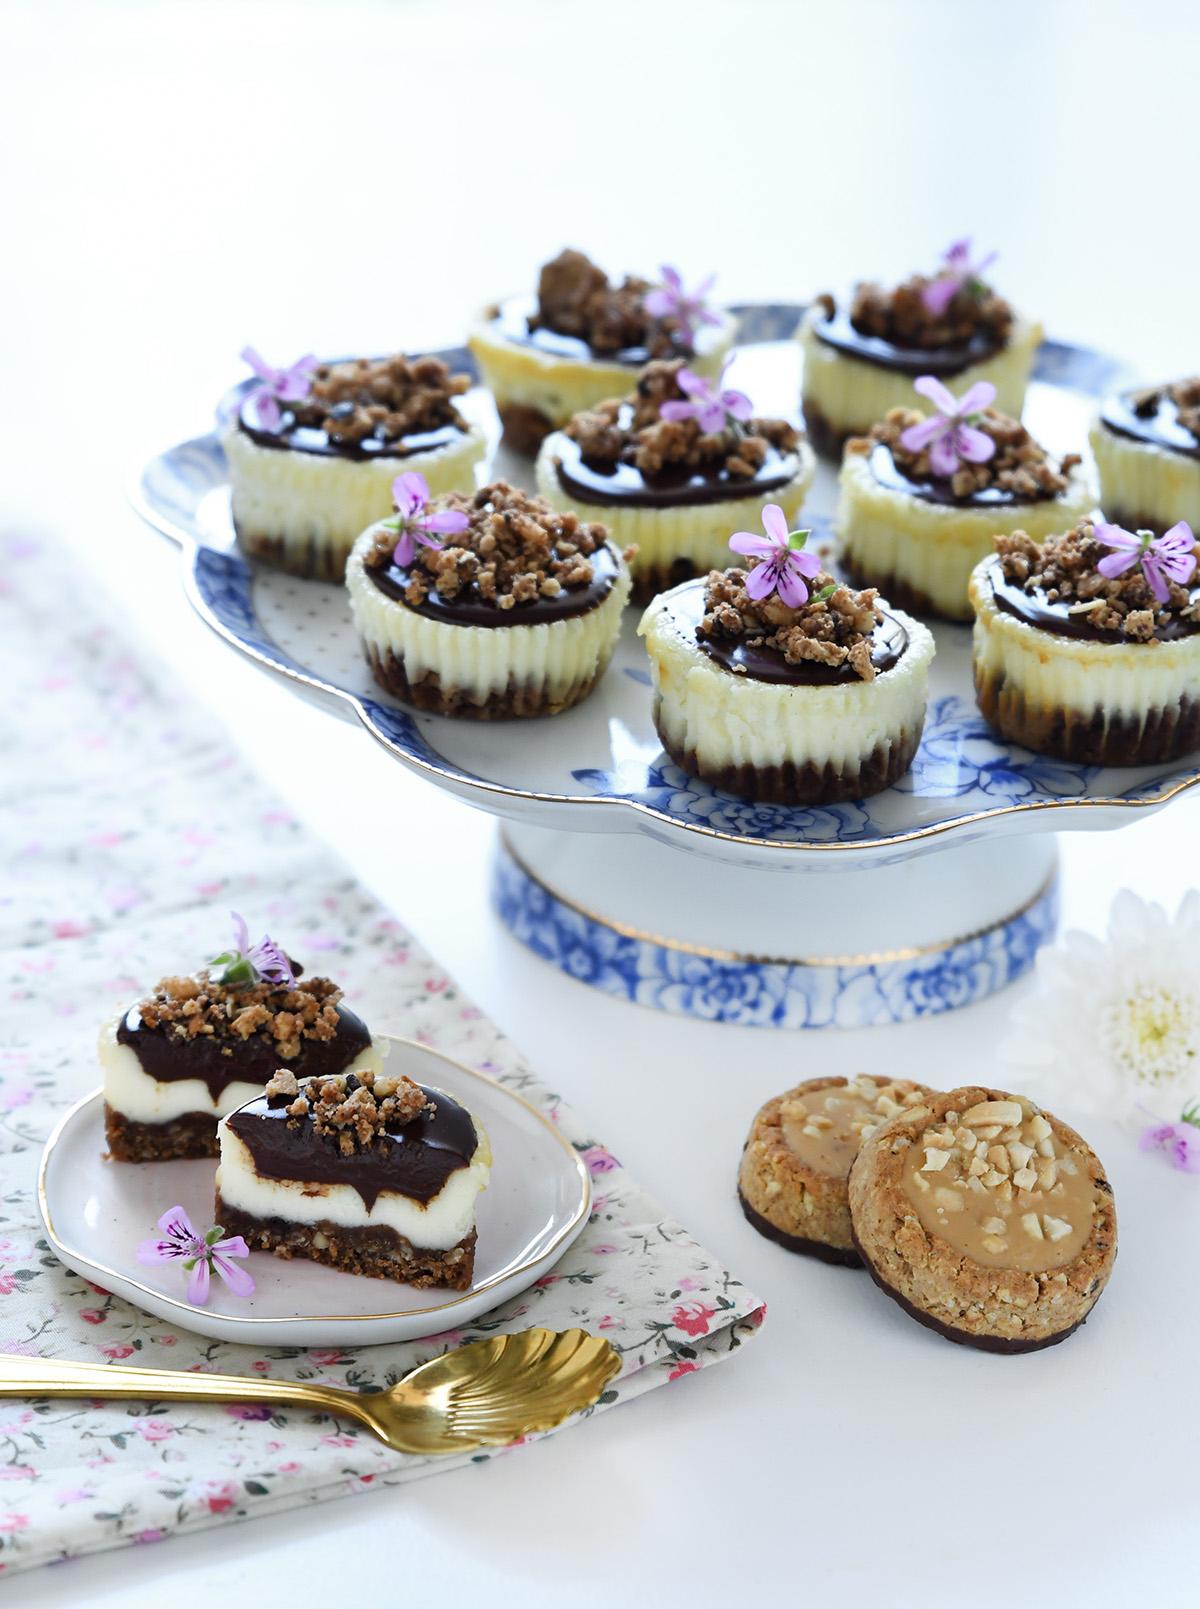 מיני עוגות גבינה ושוקולד